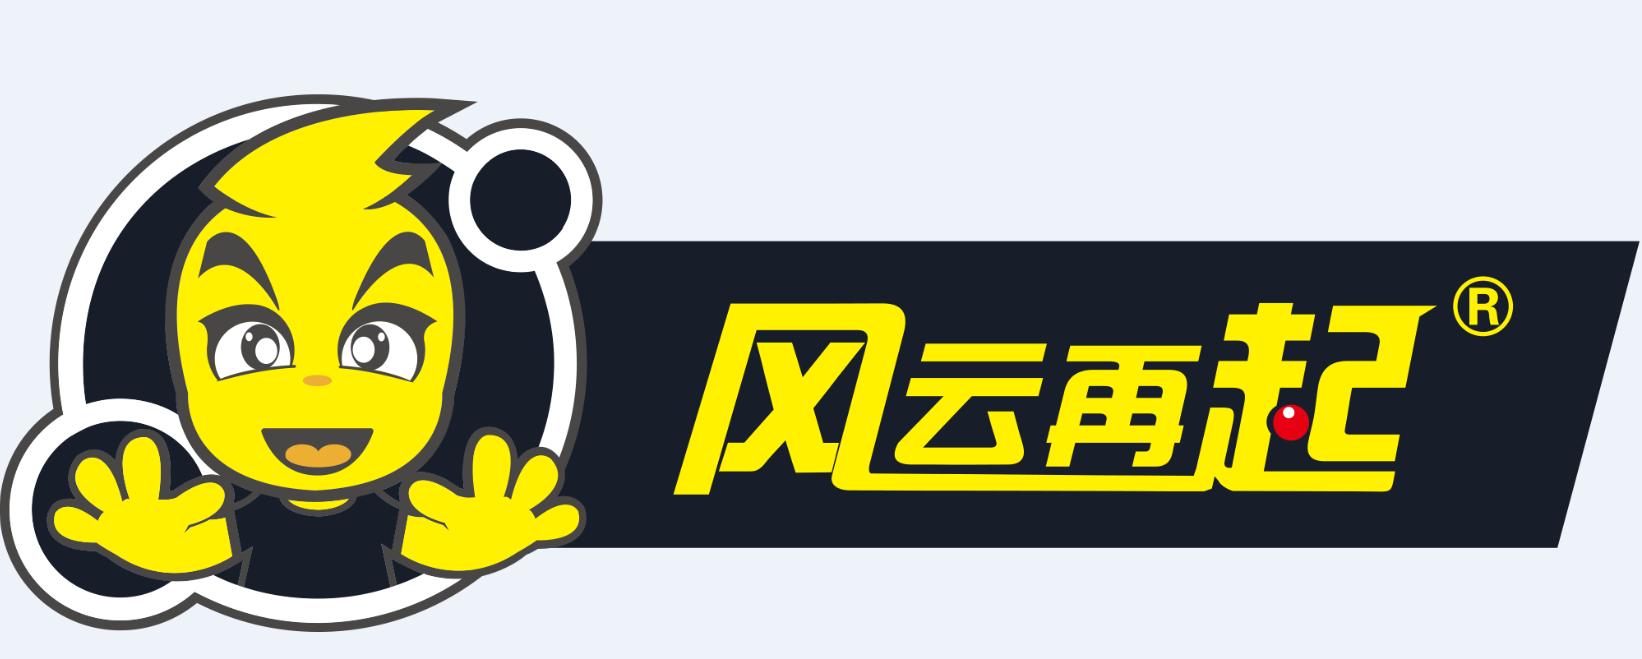 南京风云投资管理有限公司